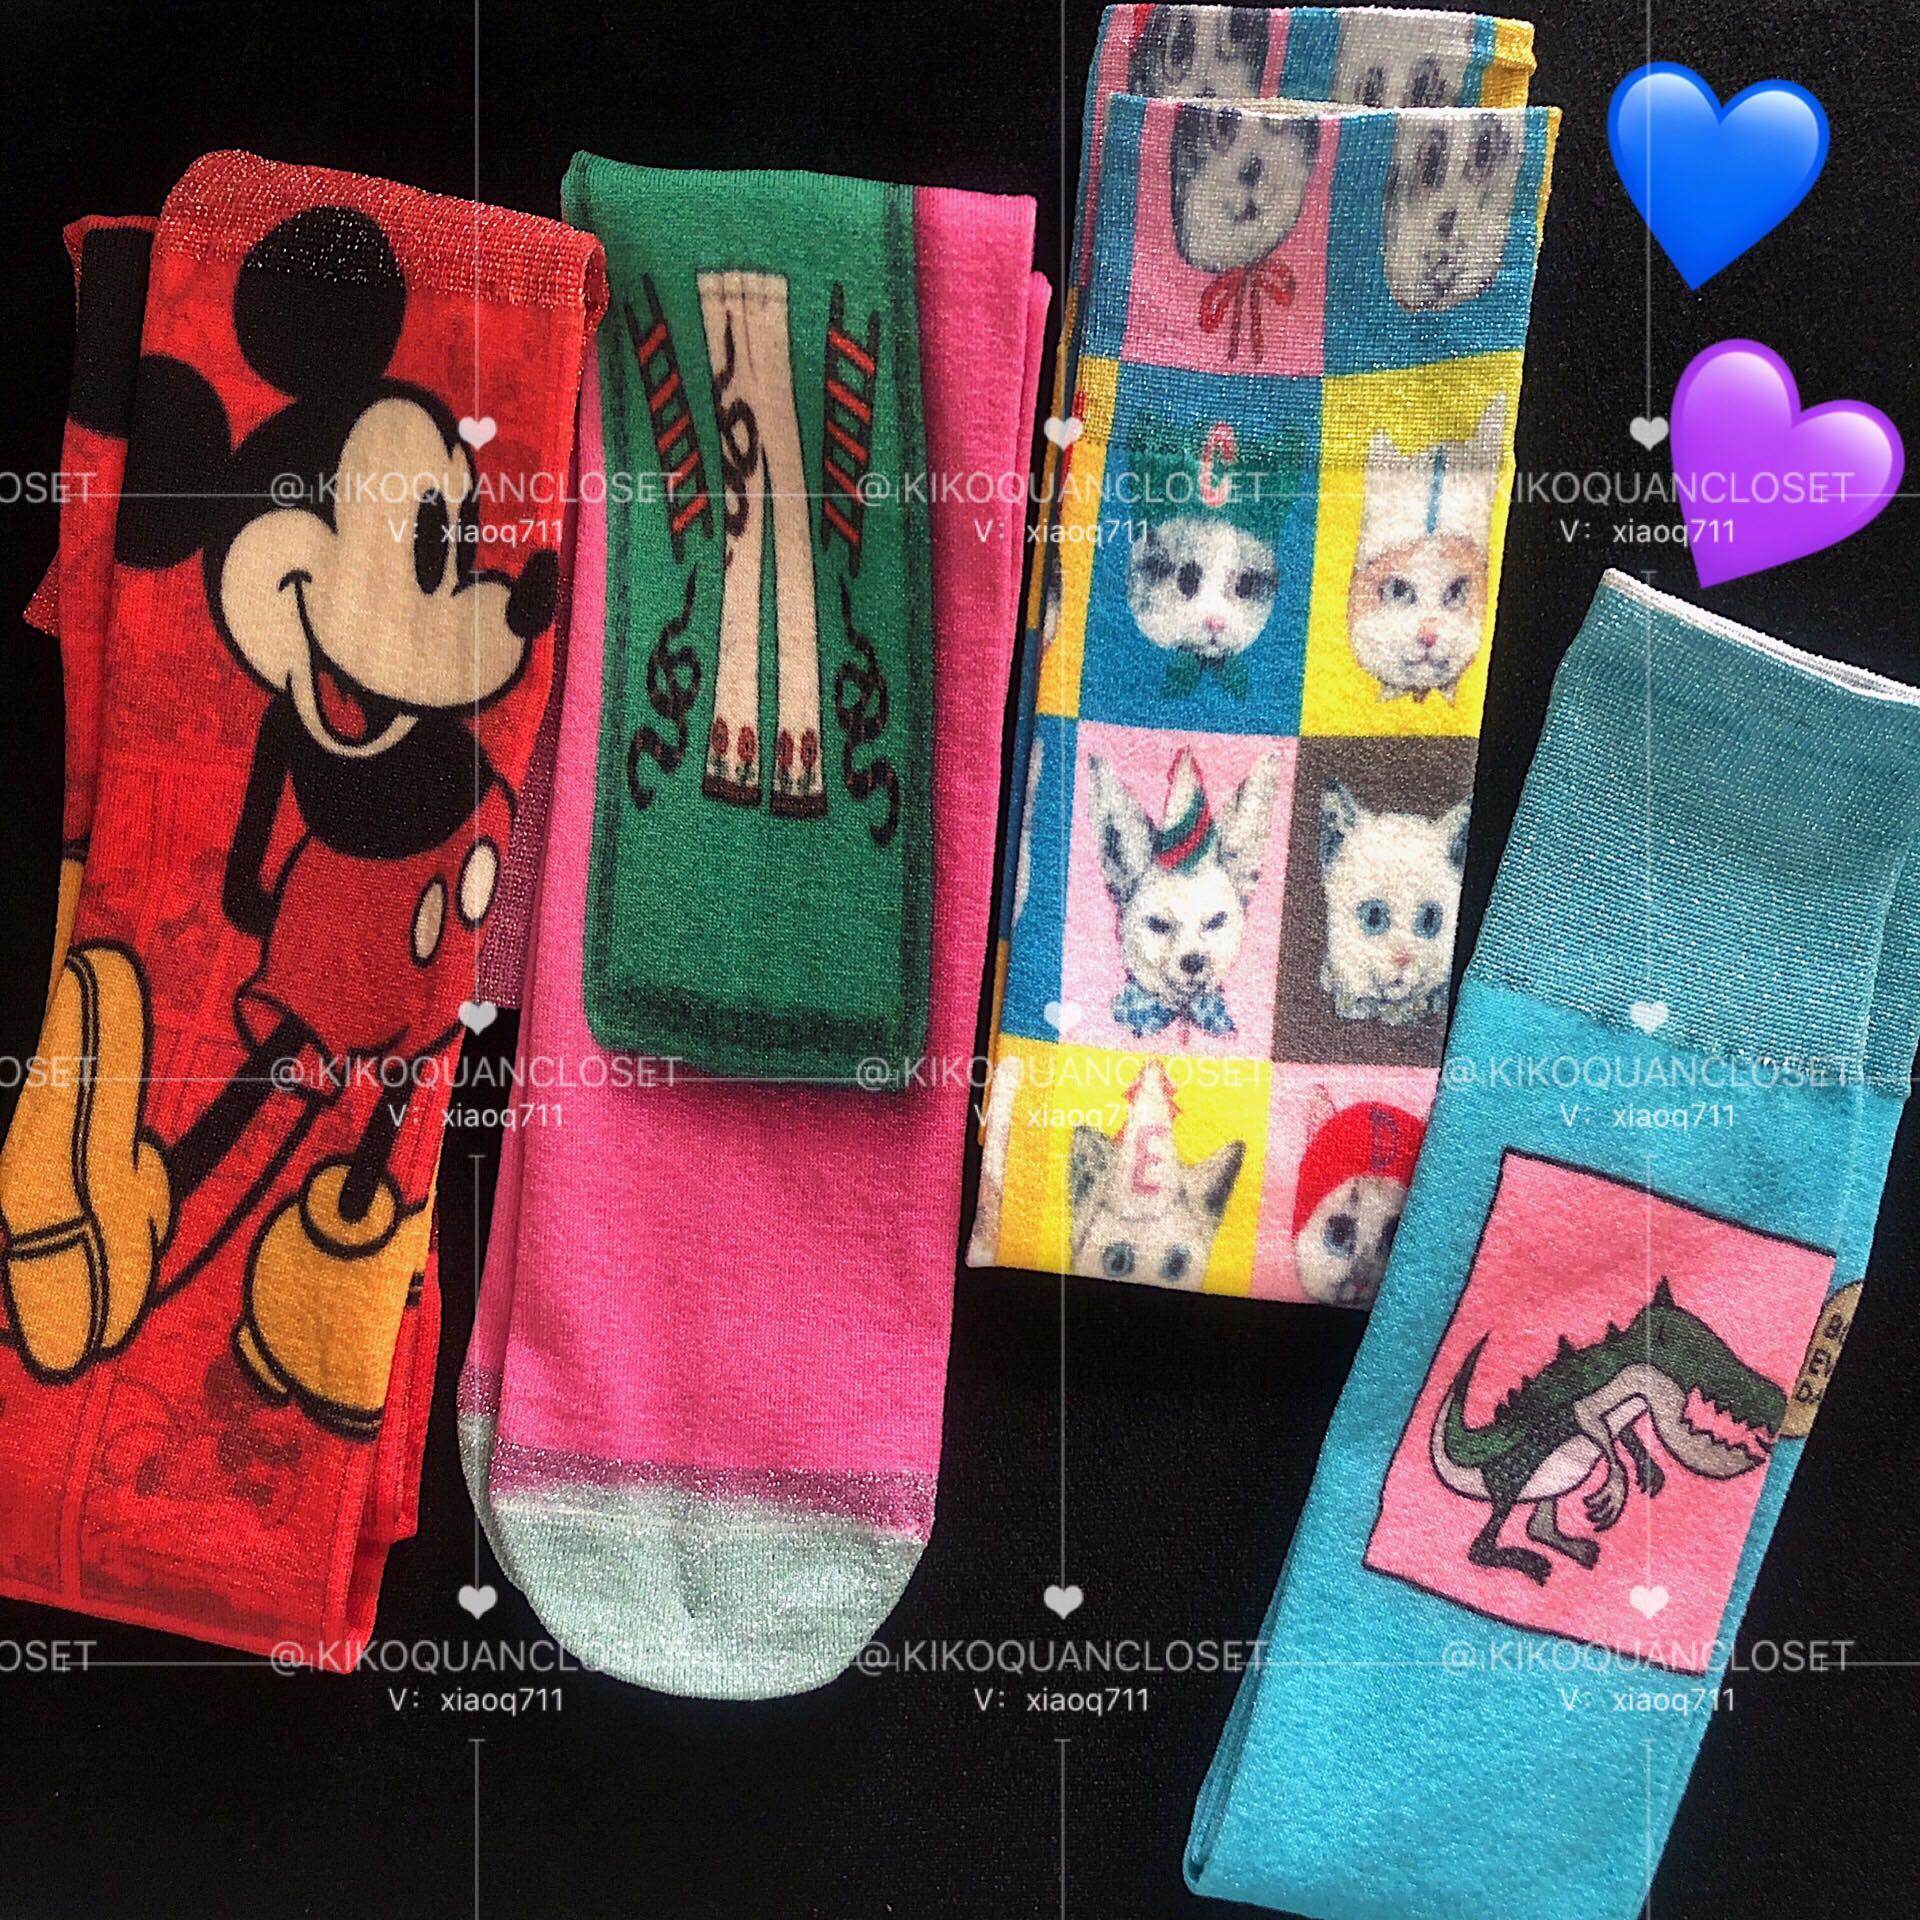 韓國東大門米奇sjyp小恐龍中筒襪 彩色涂鴉bling粉色撞色棉襪